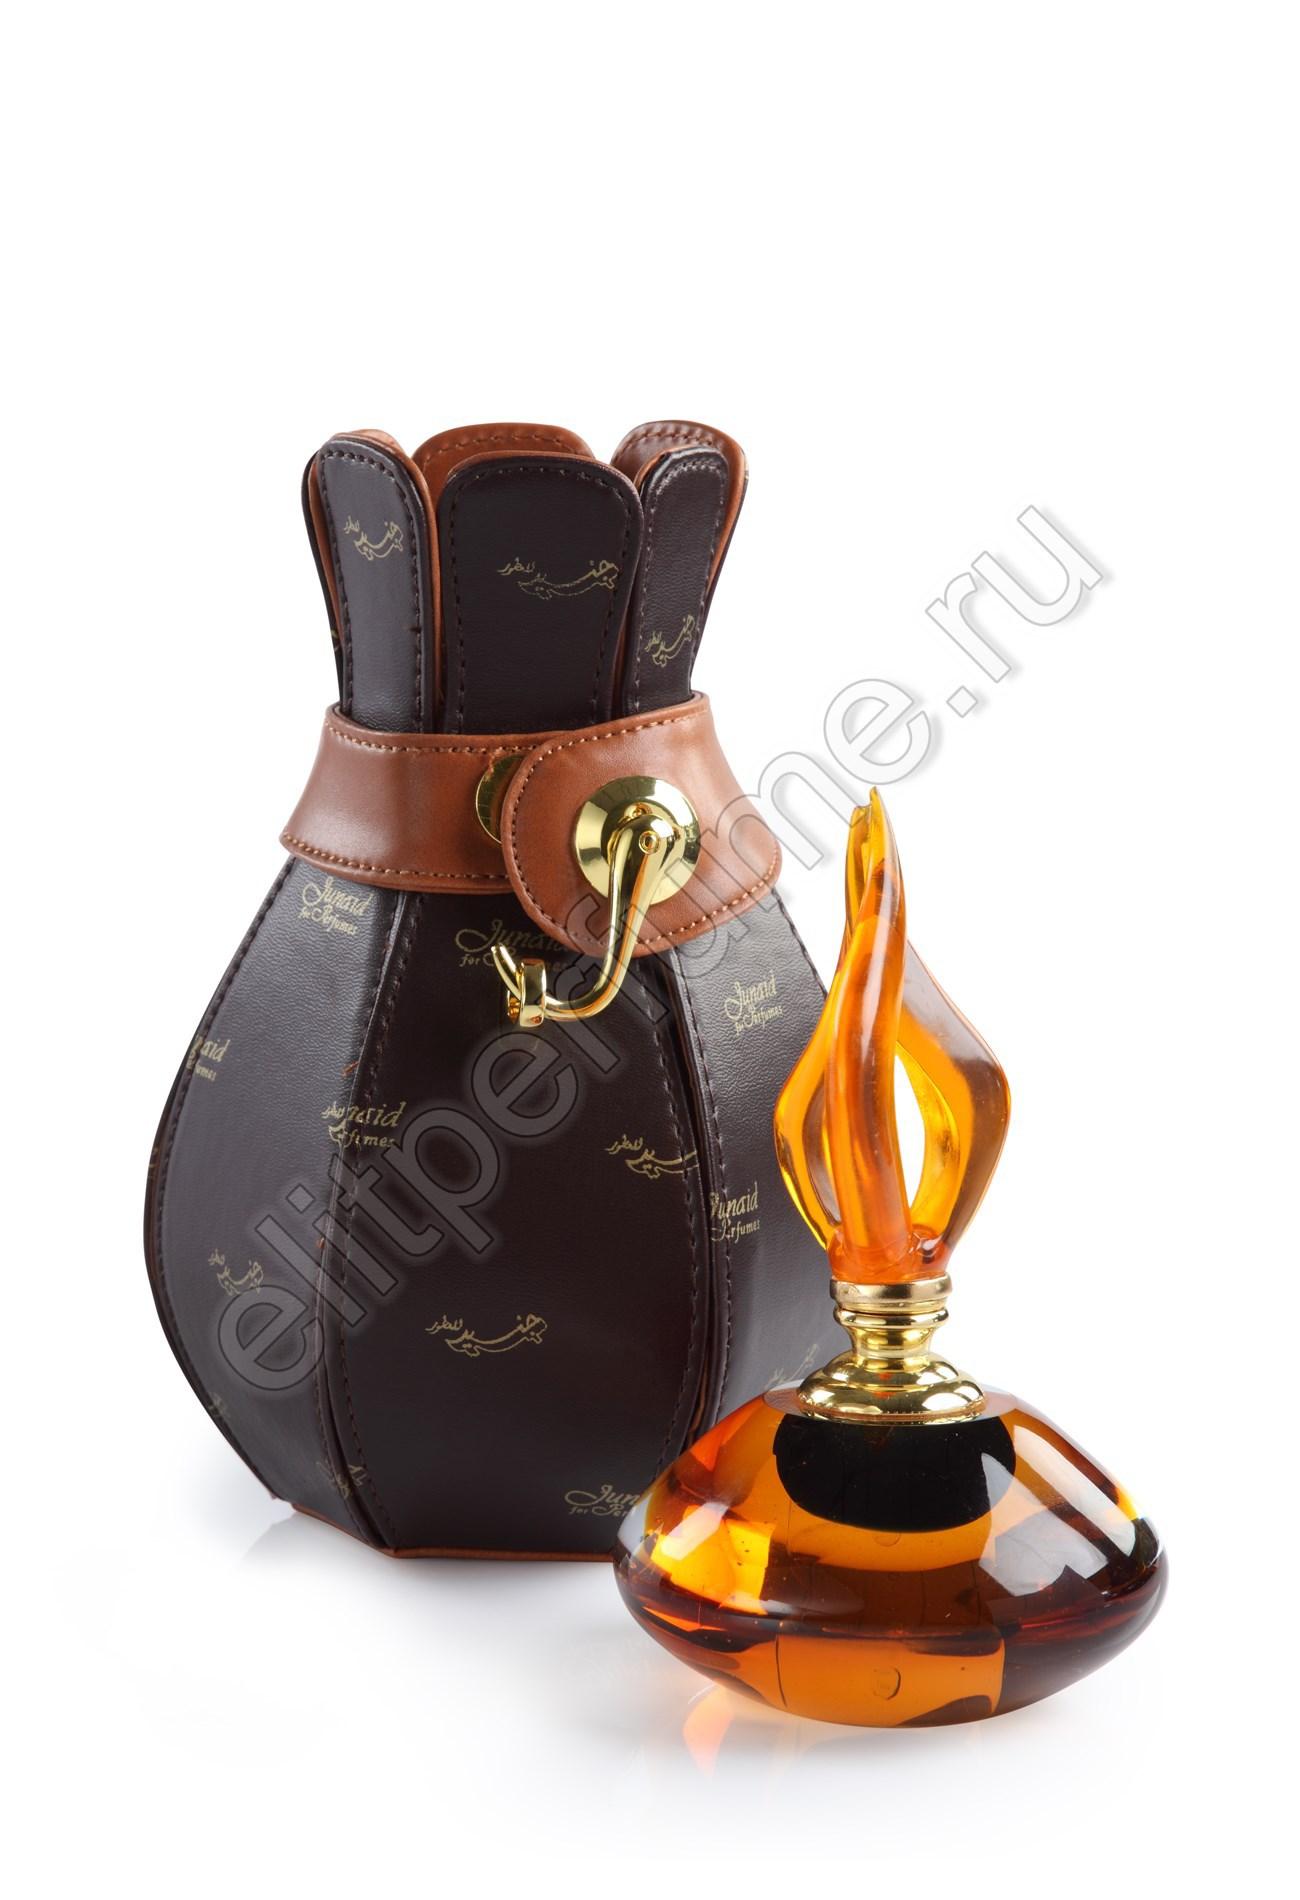 Пробники для духов Гуруб Ghuroob 1 мл арабские масляные духи от Саид Джунаид Алам Syed Junaid Alam